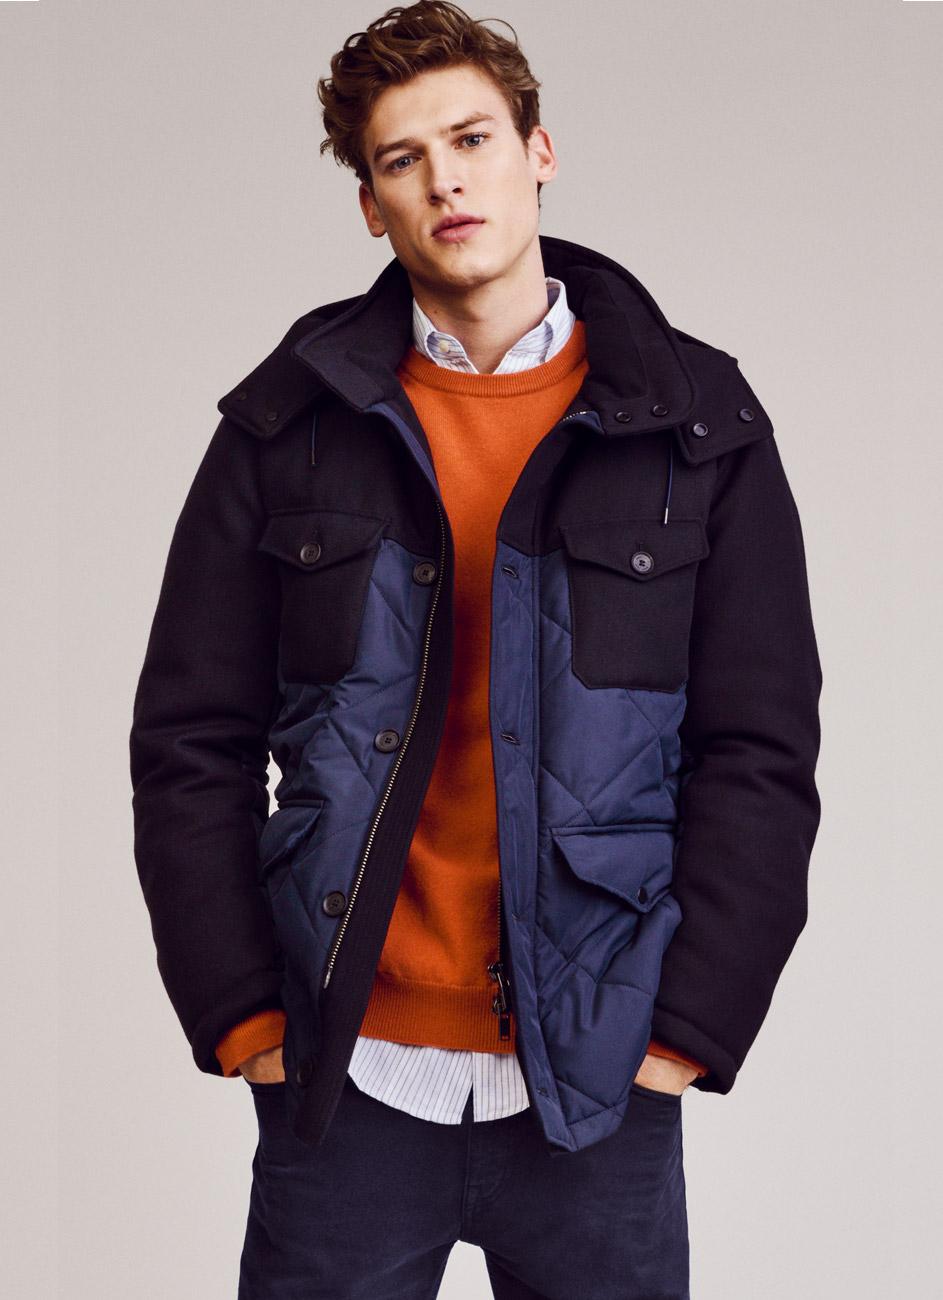 skien-by-schau-gant-jakke-genser-skjorte